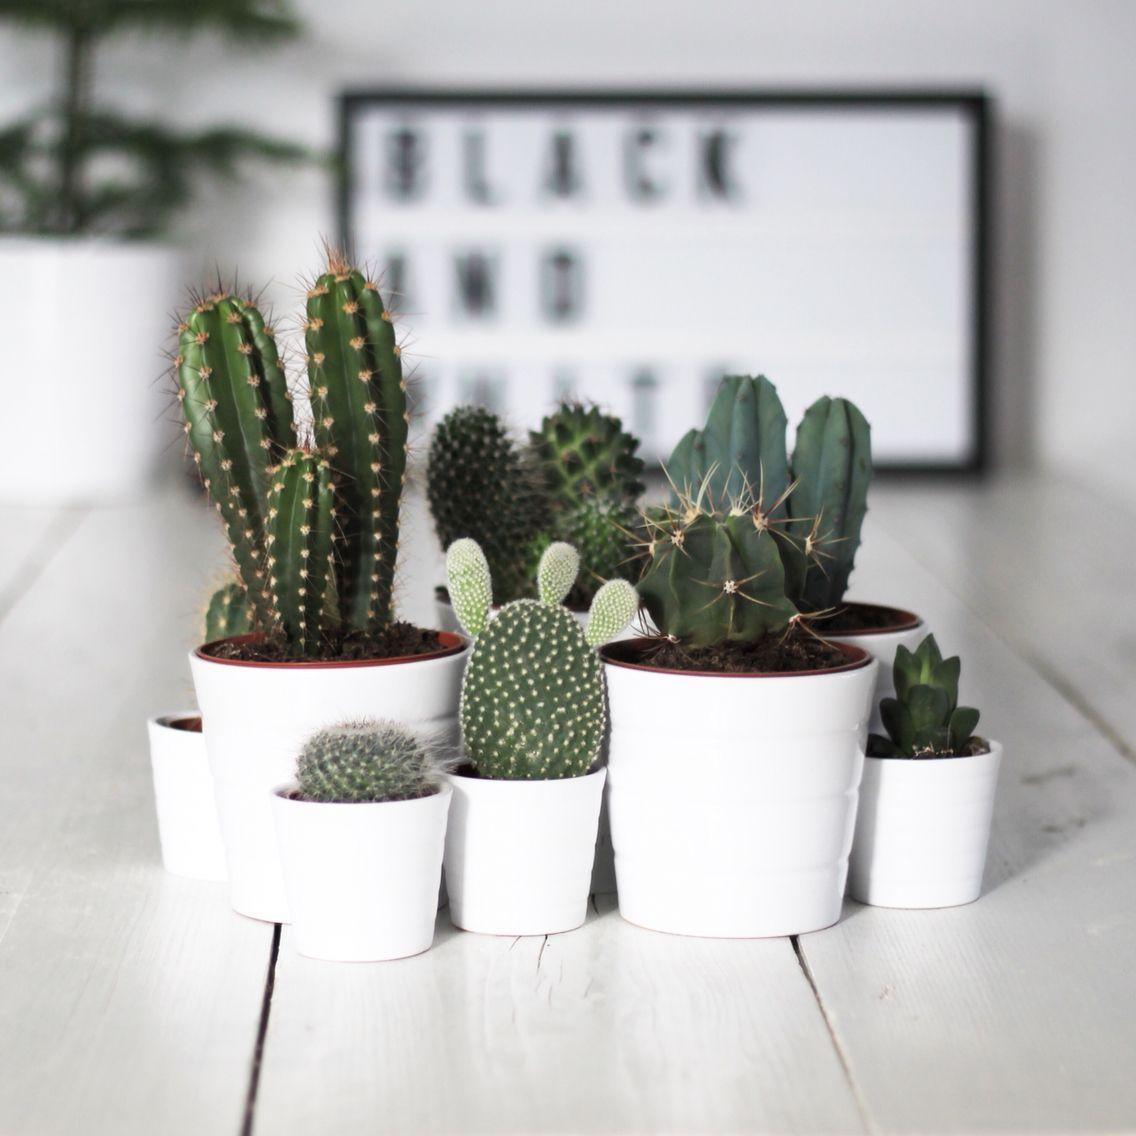 Pin Van Alexis Neal Op HᎤme ᏣᏣesoᎥᎡeᏚ Planten Bloemplanten Huisplanten